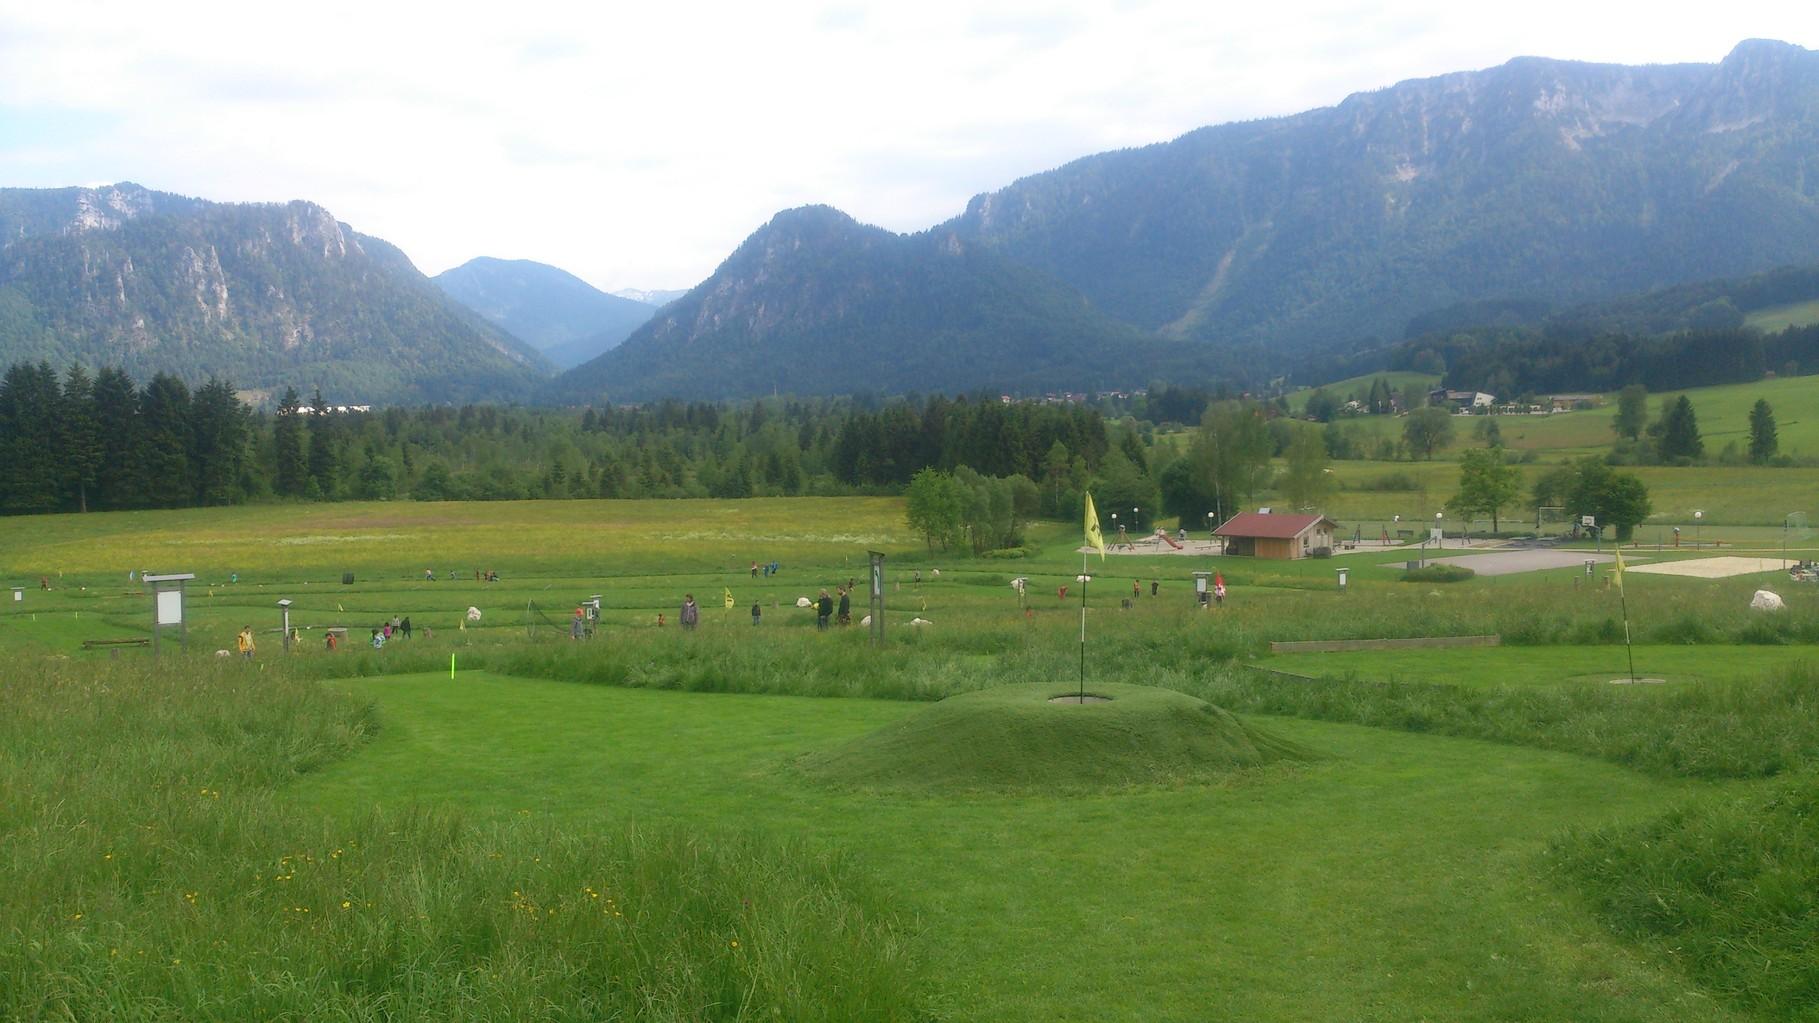 Soccerpark Inzell Fußball-Golf